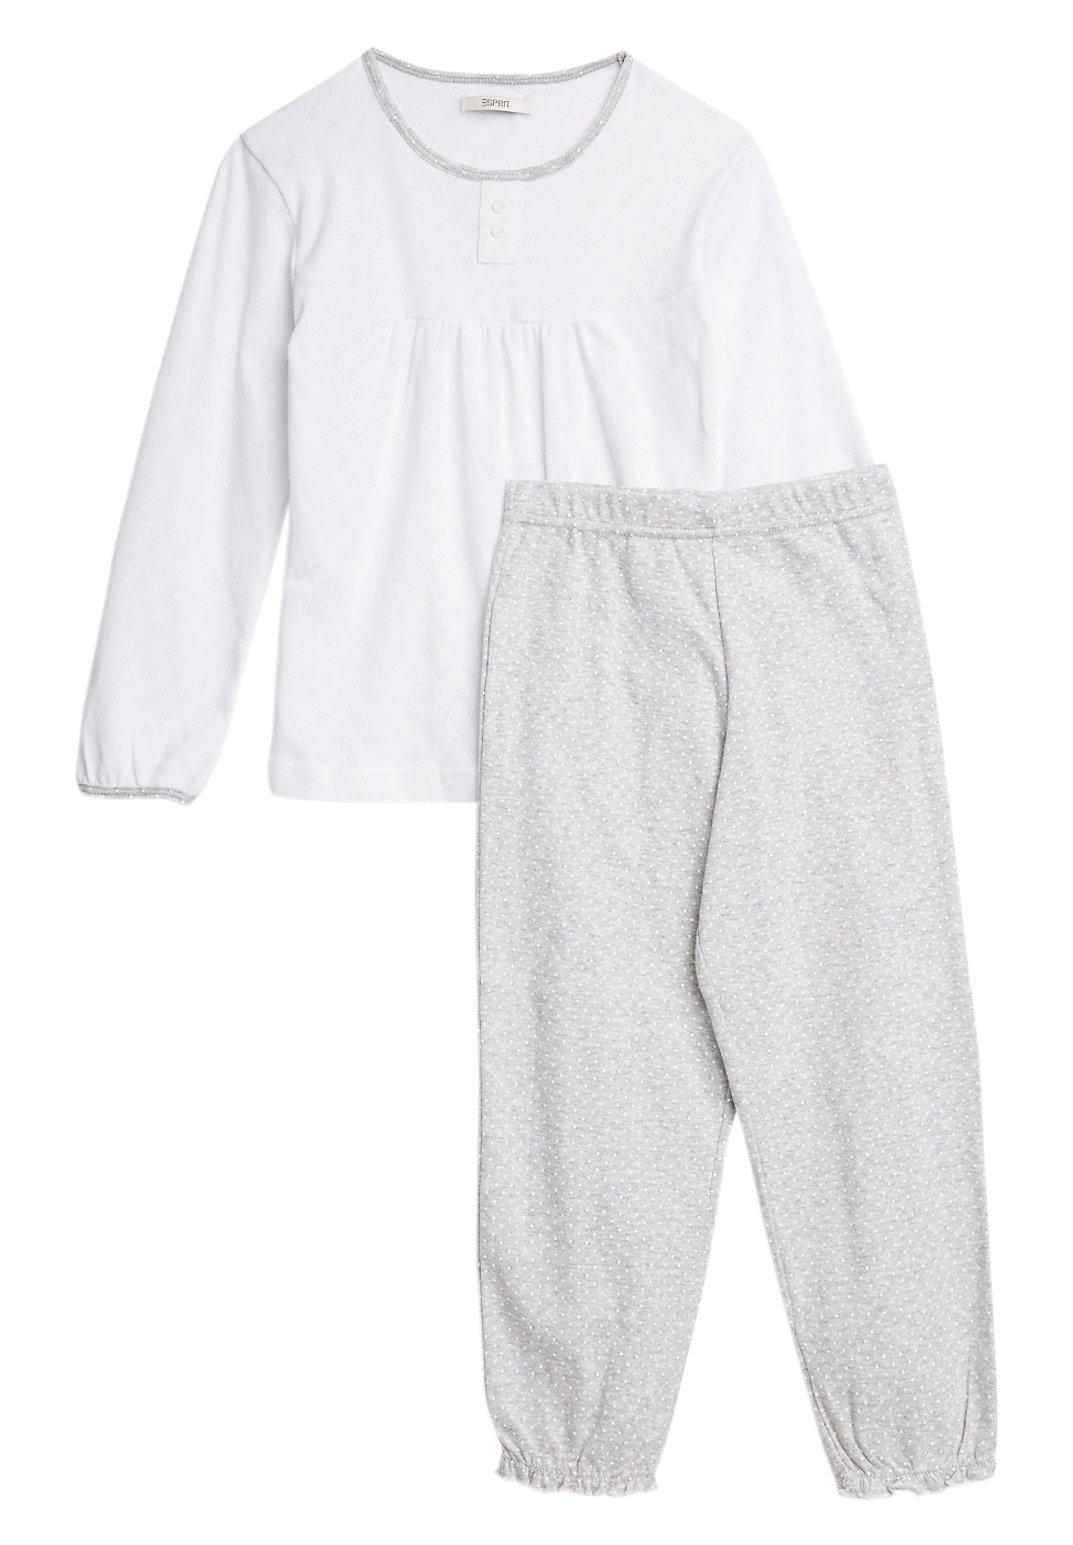 Kinder Nachtwäsche Hose